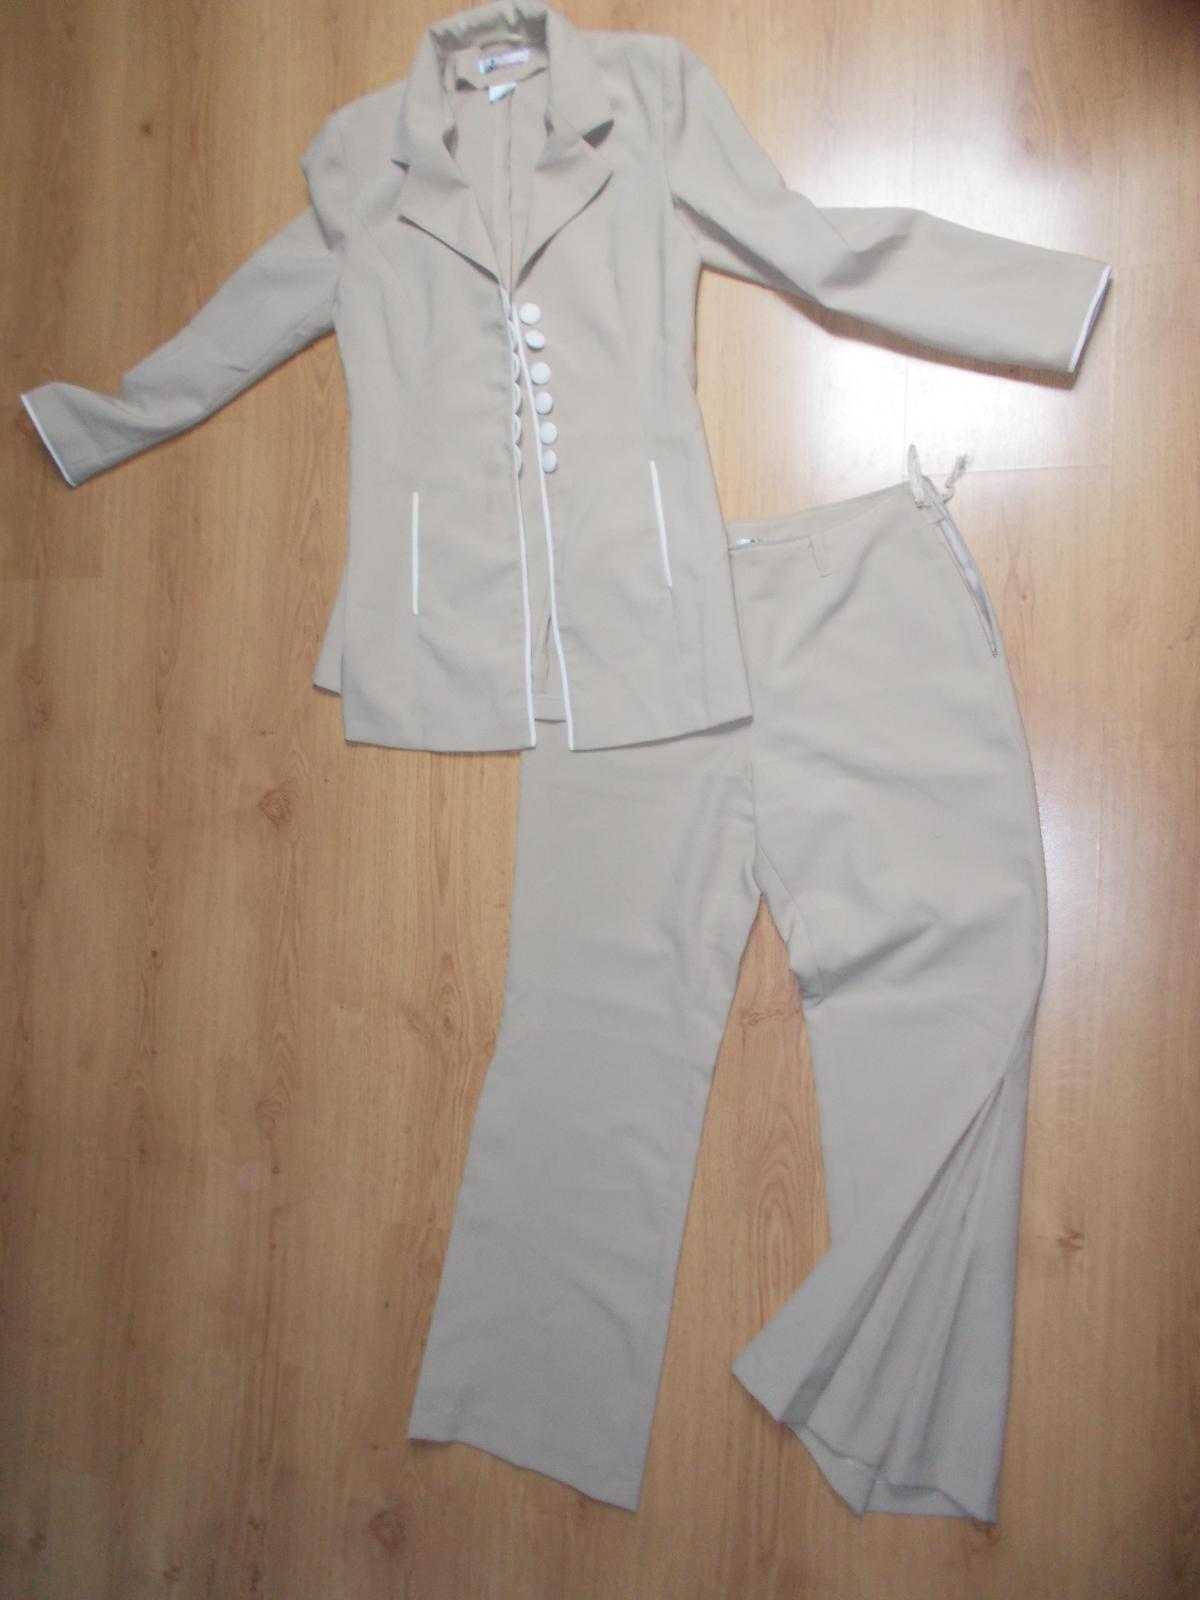 kalhotový kostýmek - Obrázek č. 1